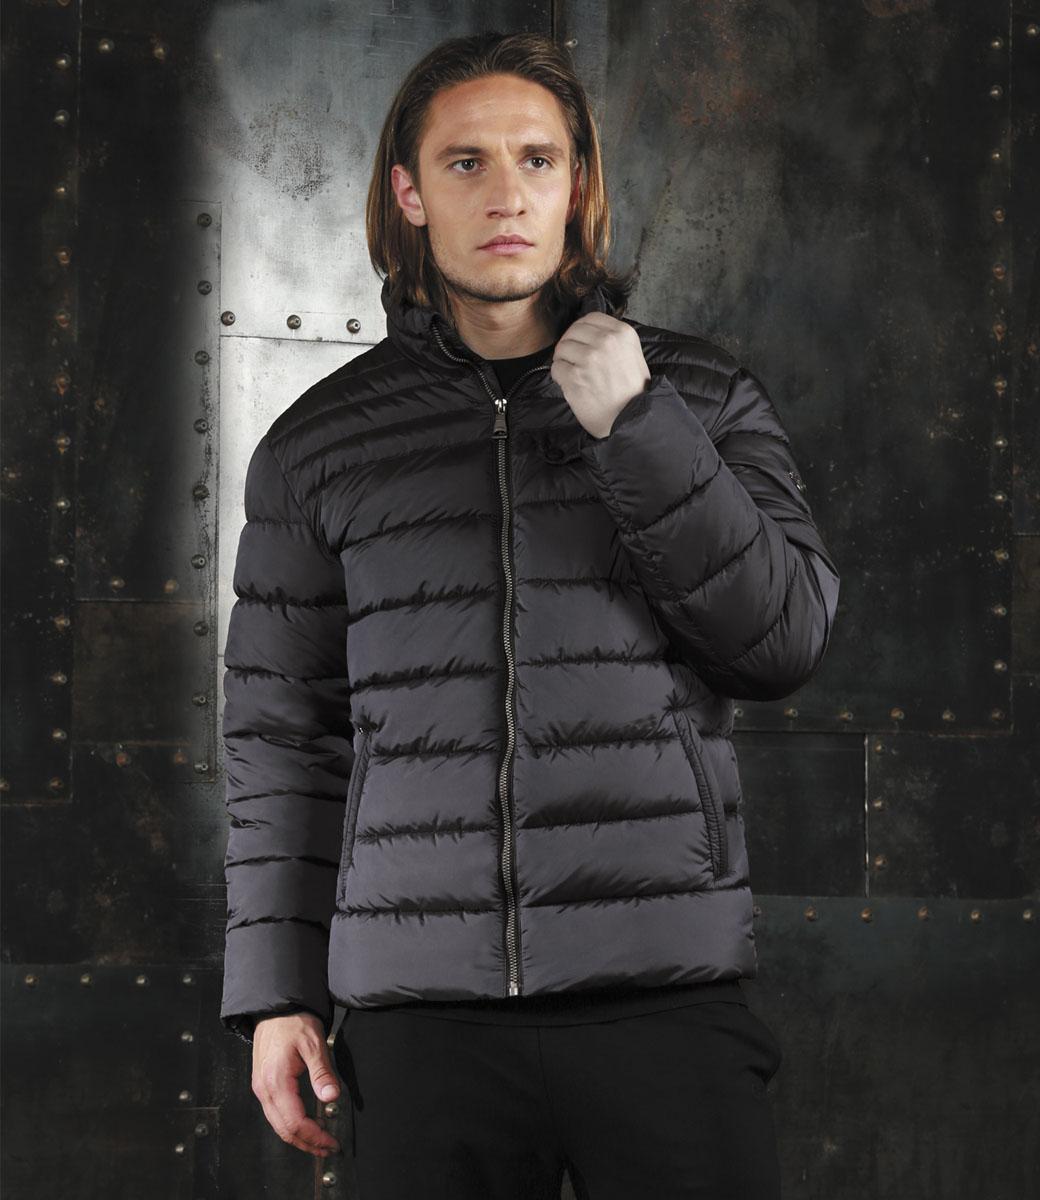 КурткаAL-2972Модная универсальная куртка с застежкой на молнию и закрытым глубоким капюшоном, снабженным фиксаторами, дополнительно защищающим от непогоды, 2 боковых втачных кармана на молнии и внутренний карман. Незаменимая модель в холодную осеннюю погоду. Утеплитель 100процентный микрофайбер. Микрофайбер это утеплитель нового поколения, который отличается повышенной теплоизоляцией, антибактериальными свойствами, долговечностью в использовании,и необычайно легок в носке и уходе. Изделия легко стираются в машинке, не теряя первоначального внешнего вида.